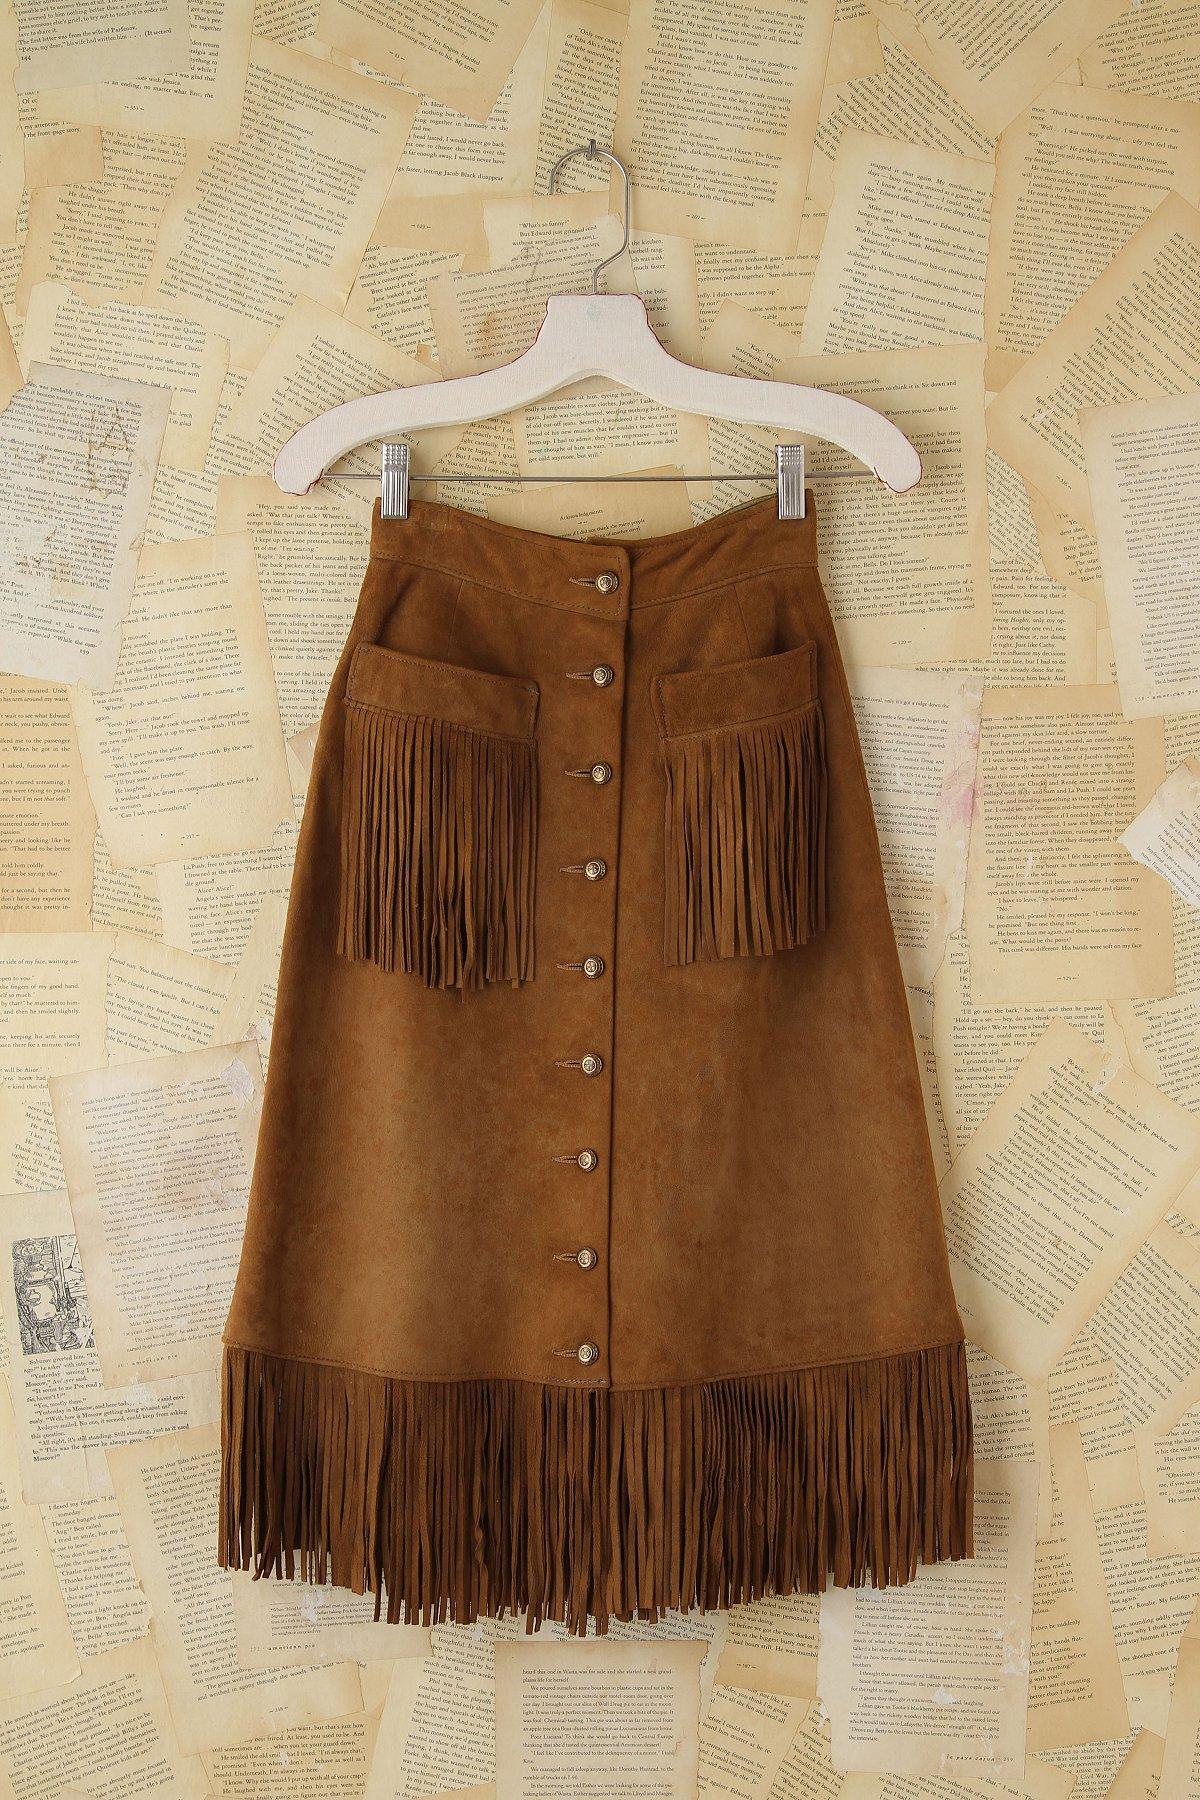 Vintage Suede Fringe Trimmed Skirt